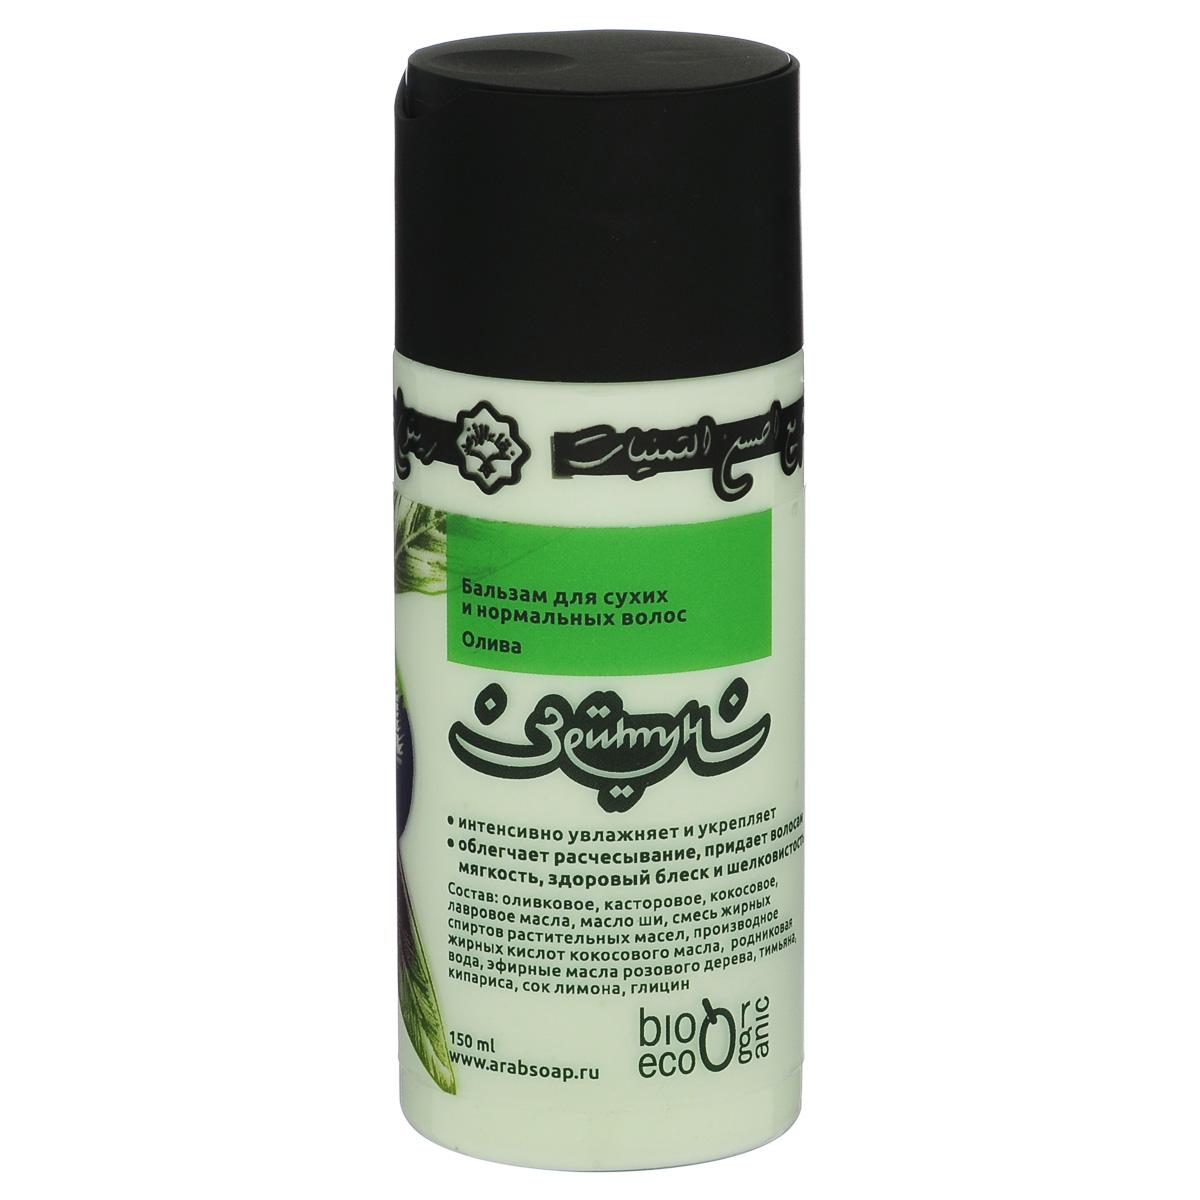 Зейтун Бальзам Олива для укрепления сухих волос, 150 млFS-00897Олива может выжить в самых засушливых местах, потому что её листья обладают потрясающей способностью удерживать влагу. Так и оливковое масло в нашем бальзаме — способствует закреплению и сохранению влаги в ваших волосах. Остальные компоненты закрепляют эффект:• интенсивное увлажнение кожи головы, всей структуры волос — от луковиц до кончиков.• волосы становятся мягче, послушнее, перестают электризоваться, теперь их легко расчёсывать и укладывать в изящную причёску,• волосы напитываются, разглаживаются, утолщаются, выглядят очень ухоженно. Особенно подходит натуральный бальзам Зейтун Олива — для укрепления сухих, тусклых и безжизненных волос.